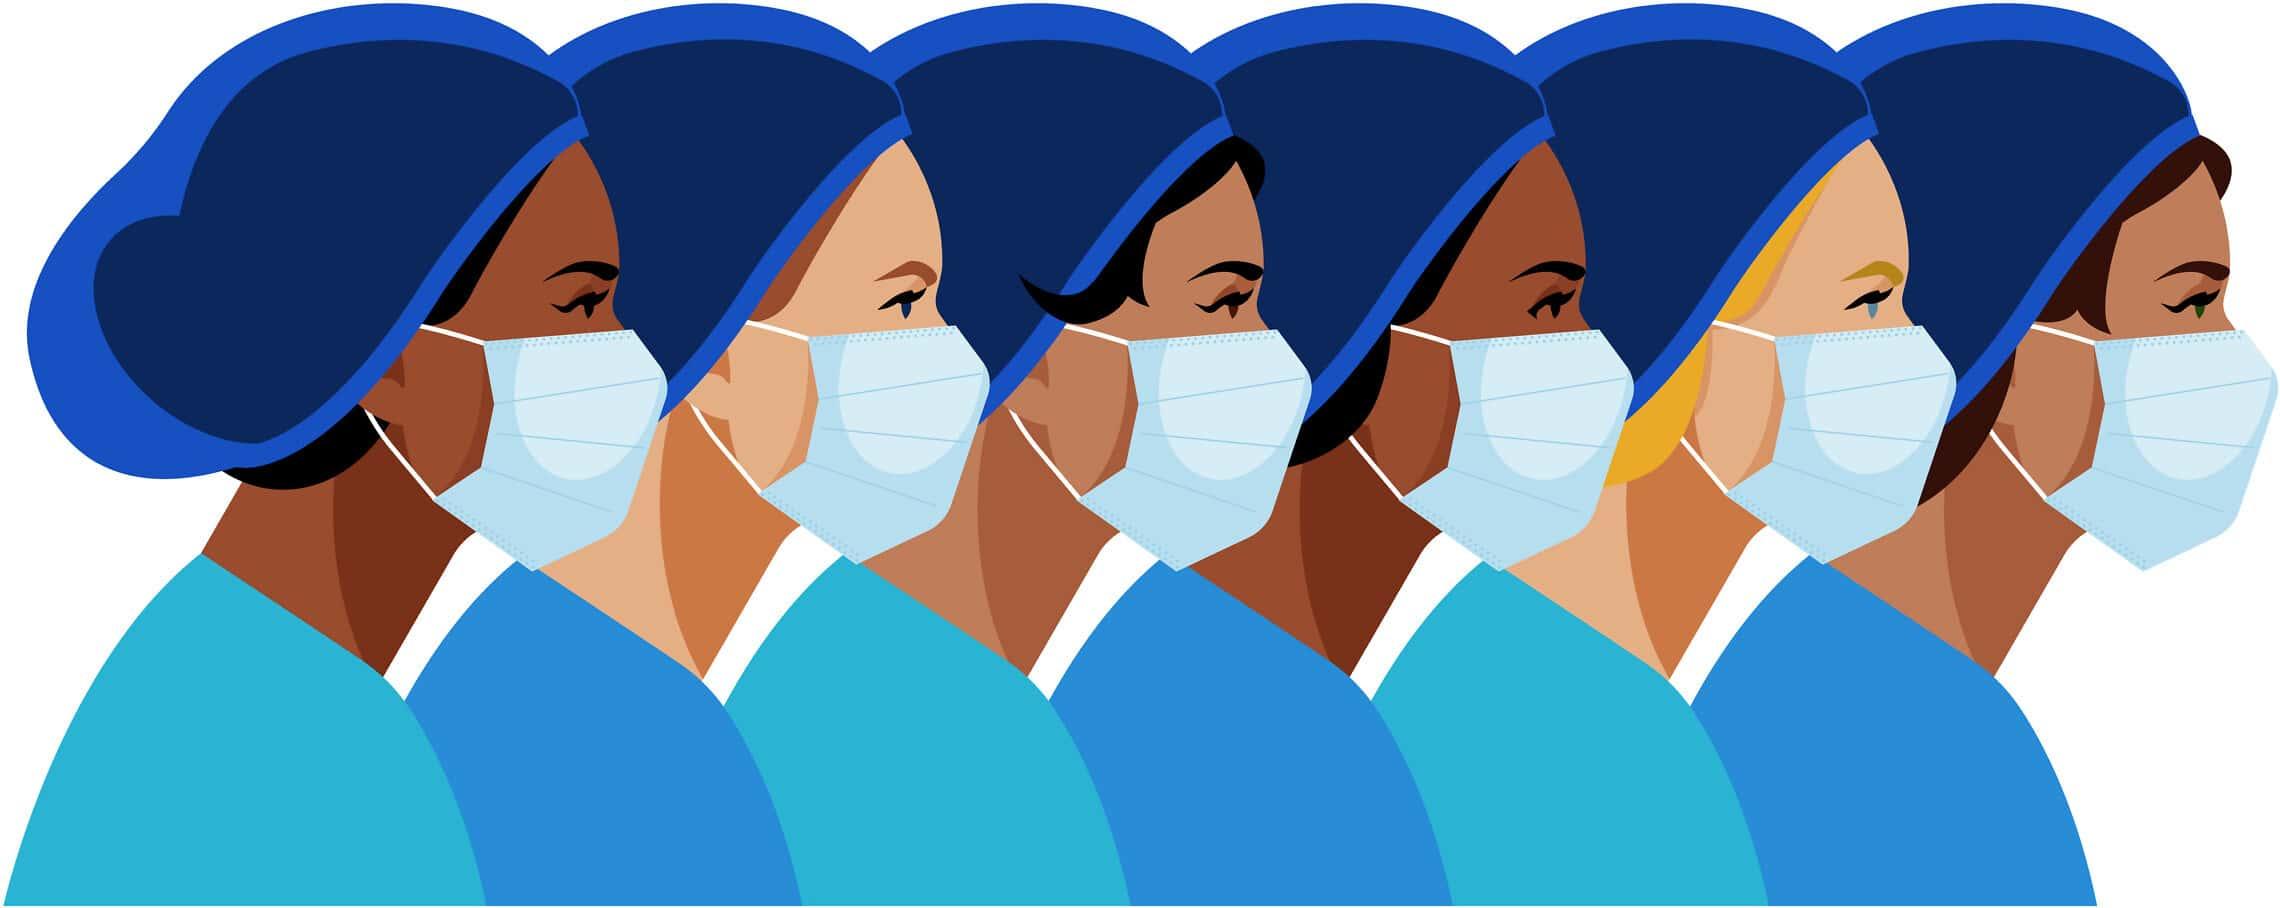 נשים בצוות רפואי. אילוסטרציה (צילום: iStock)